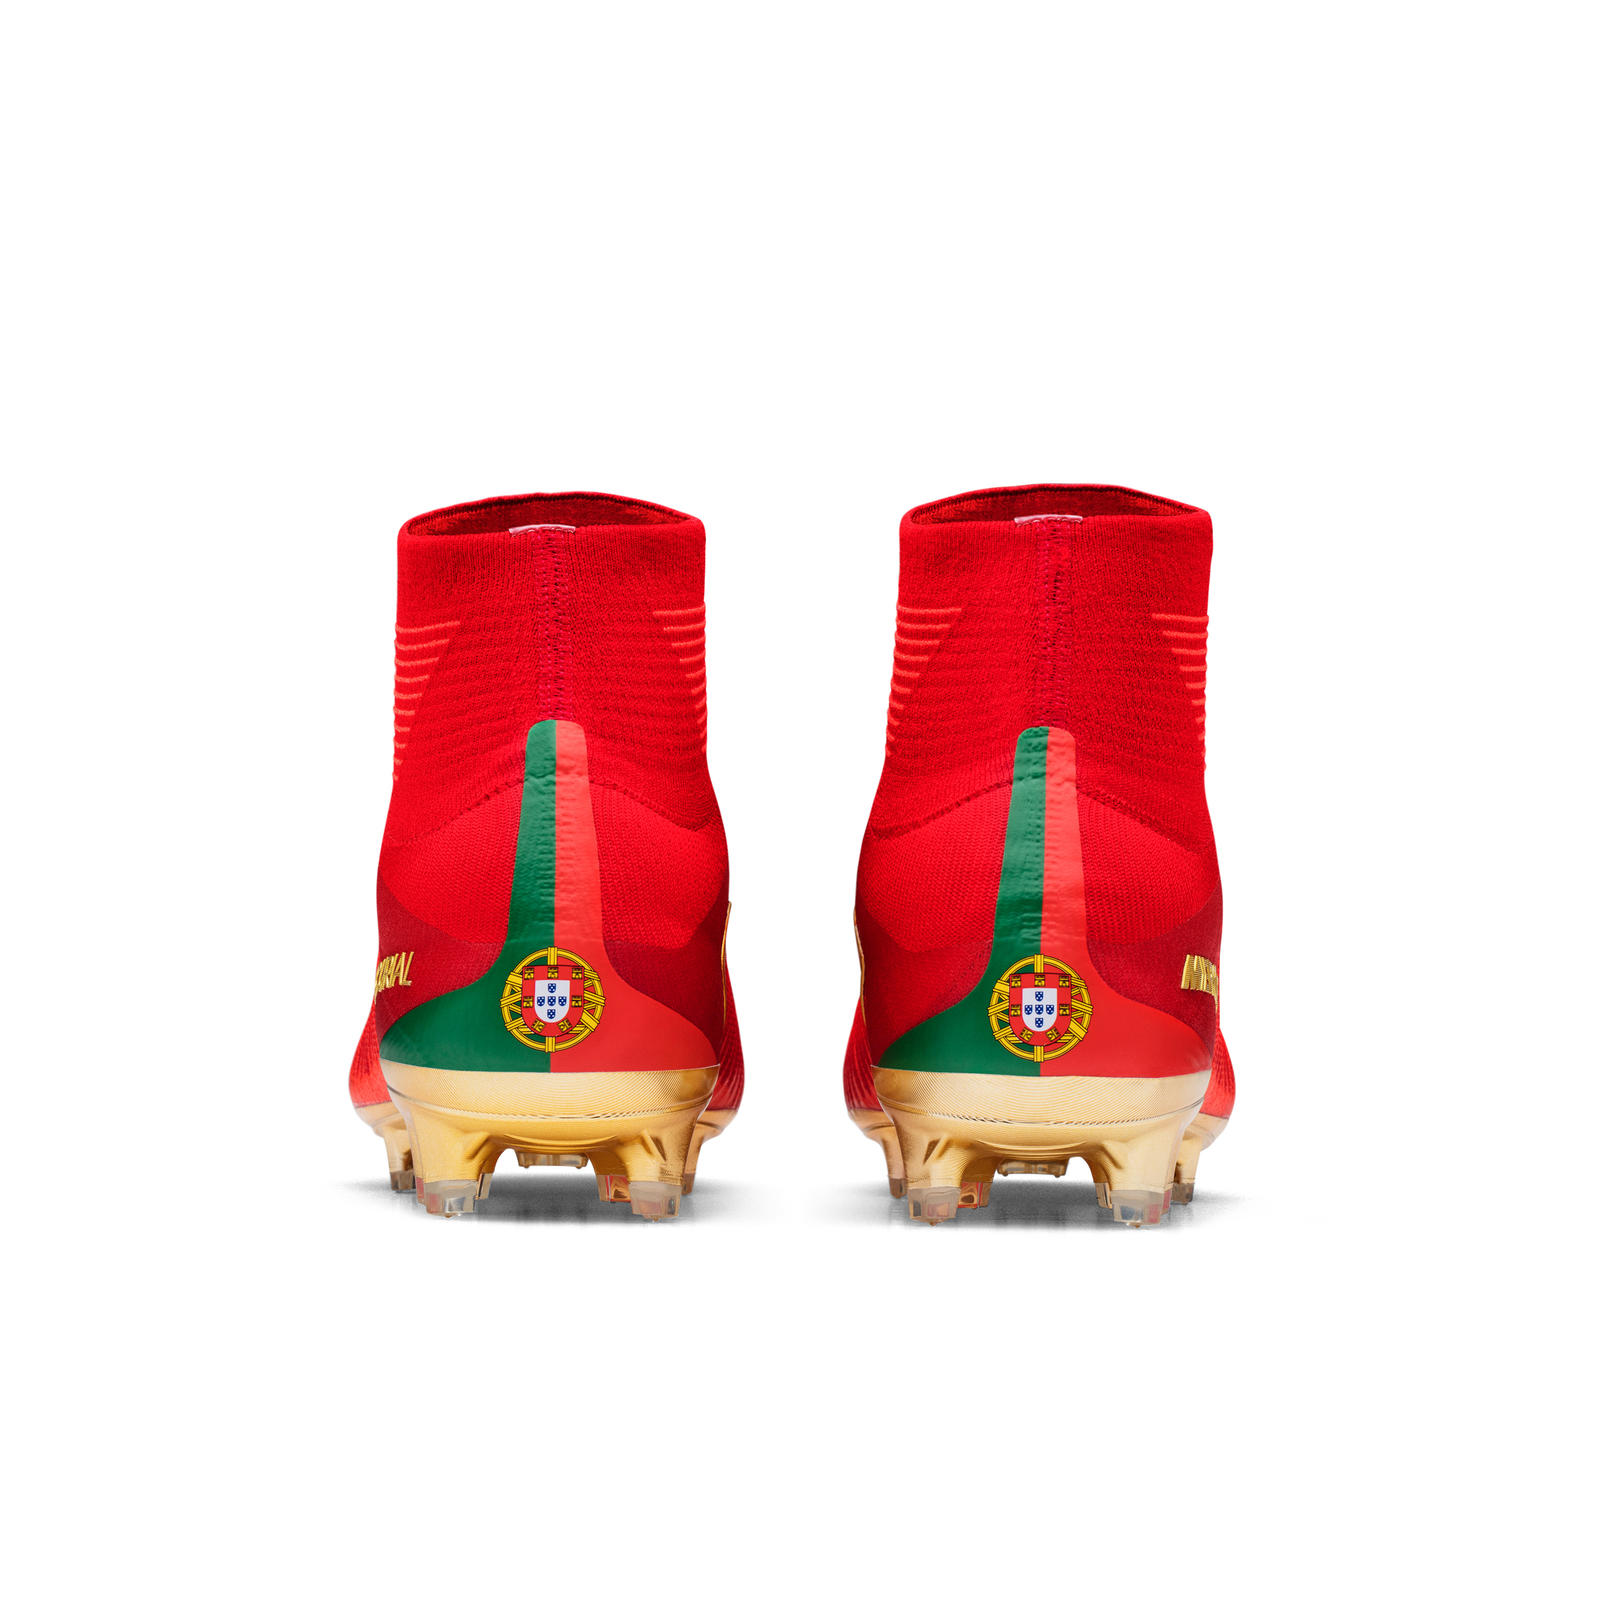 Special Portugal Boots for Cristiano Ronaldo: CR7 Mercurial Campeões - Nike News